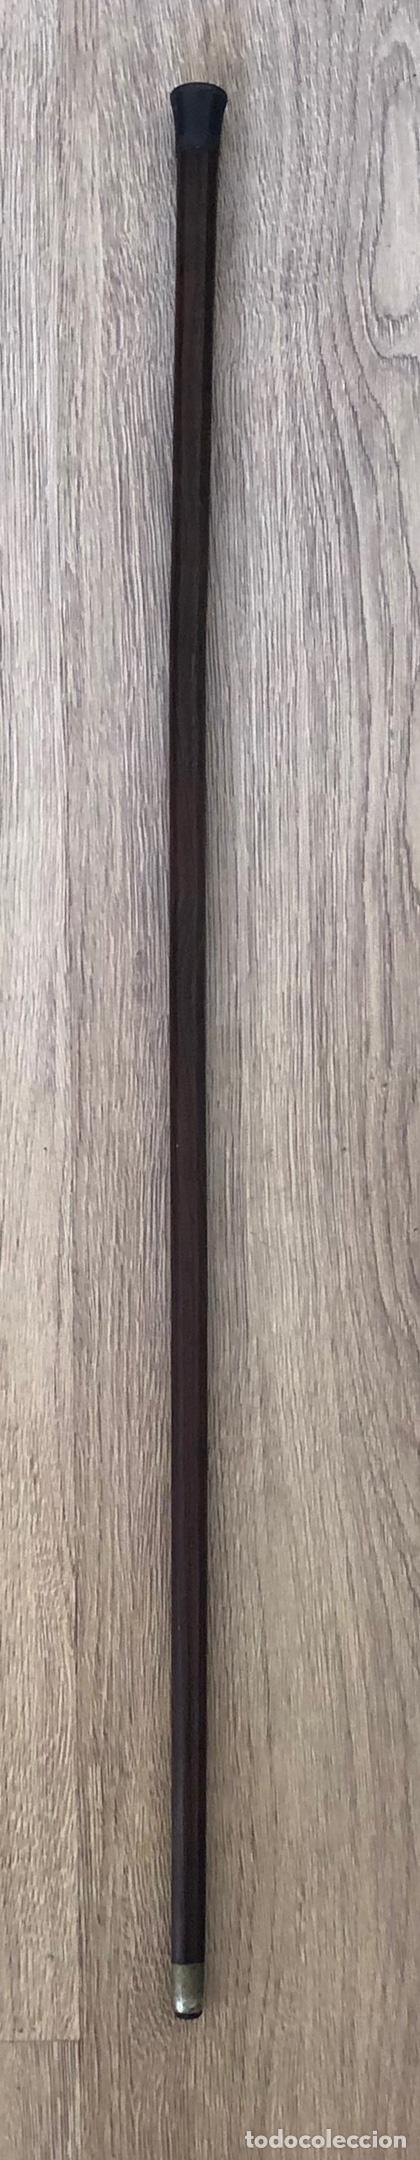 Antigüedades: Antigua Baston, con empuñadura en hierro, y vara de madera noble. Pps. S.XX. - Foto 3 - 213470000